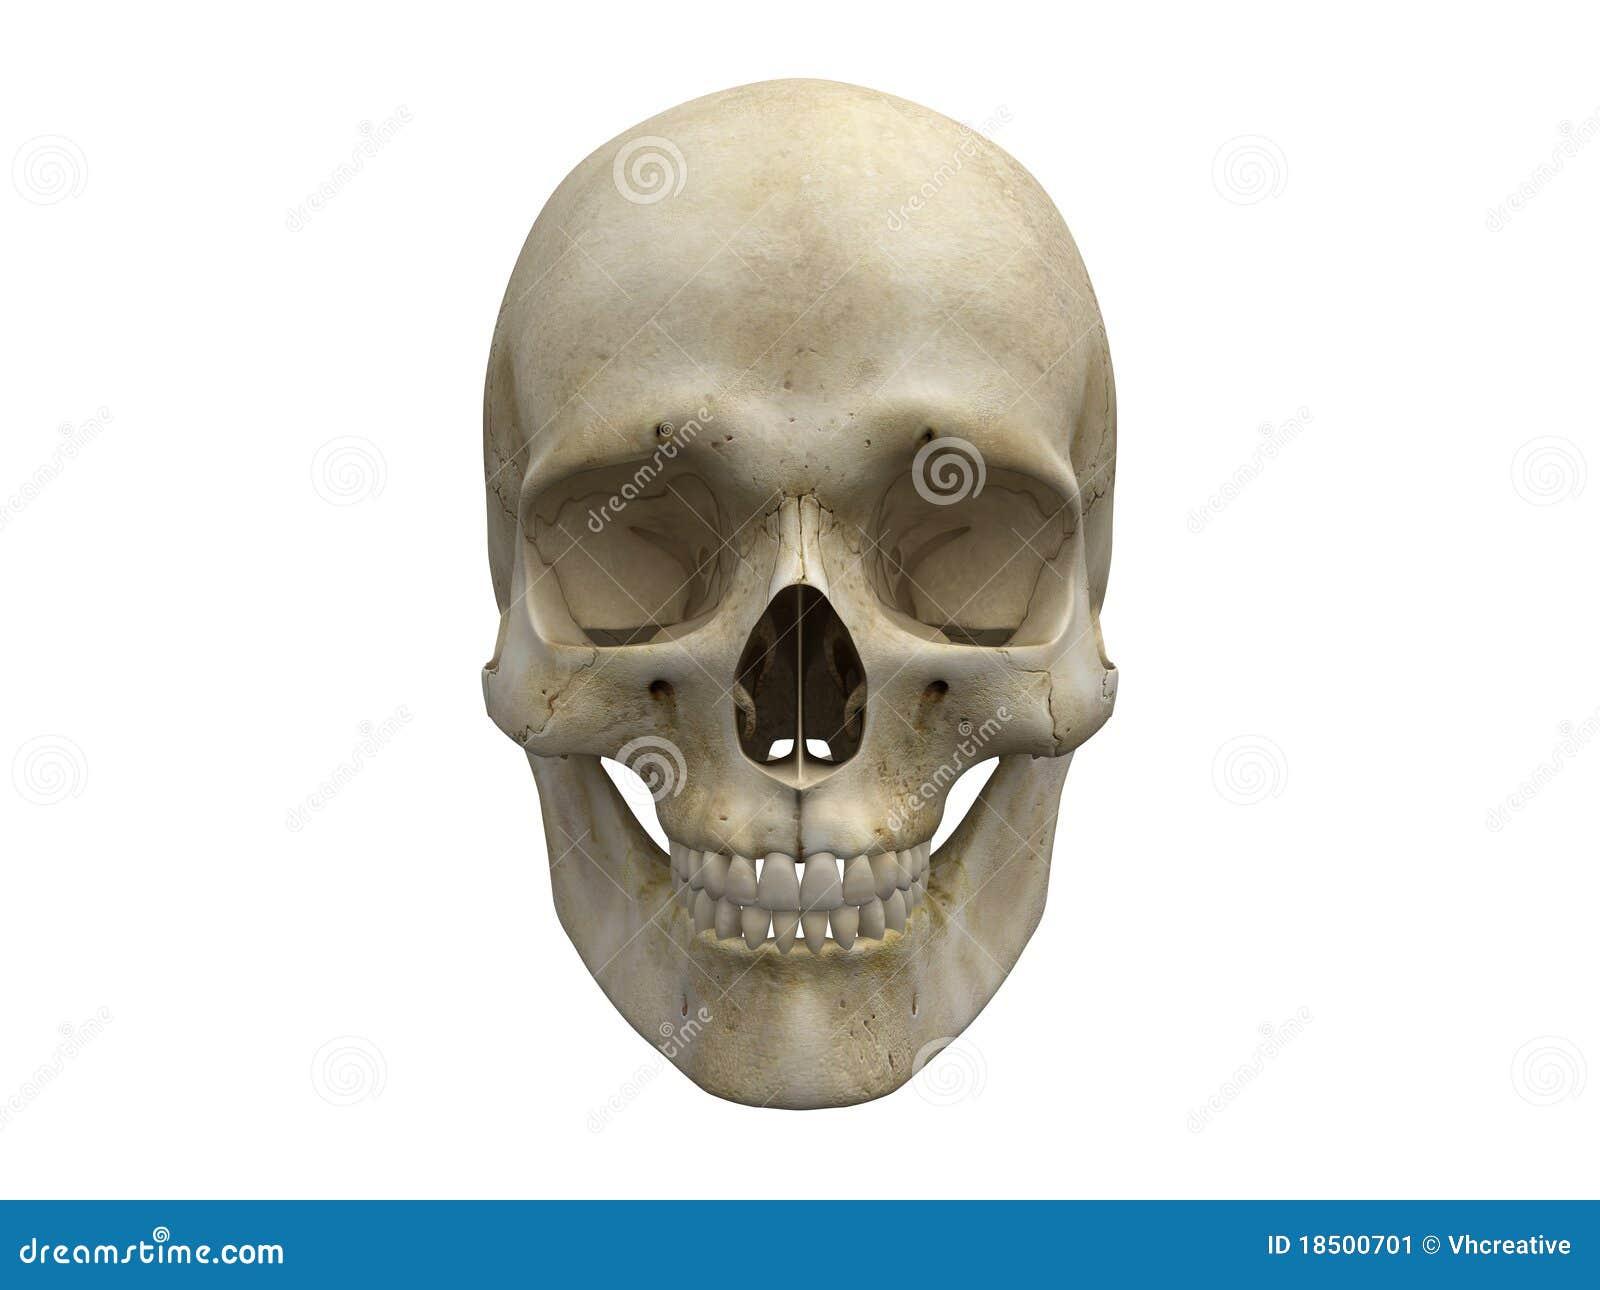 human skull bones frontal view stock image - image: 18500701, Skeleton